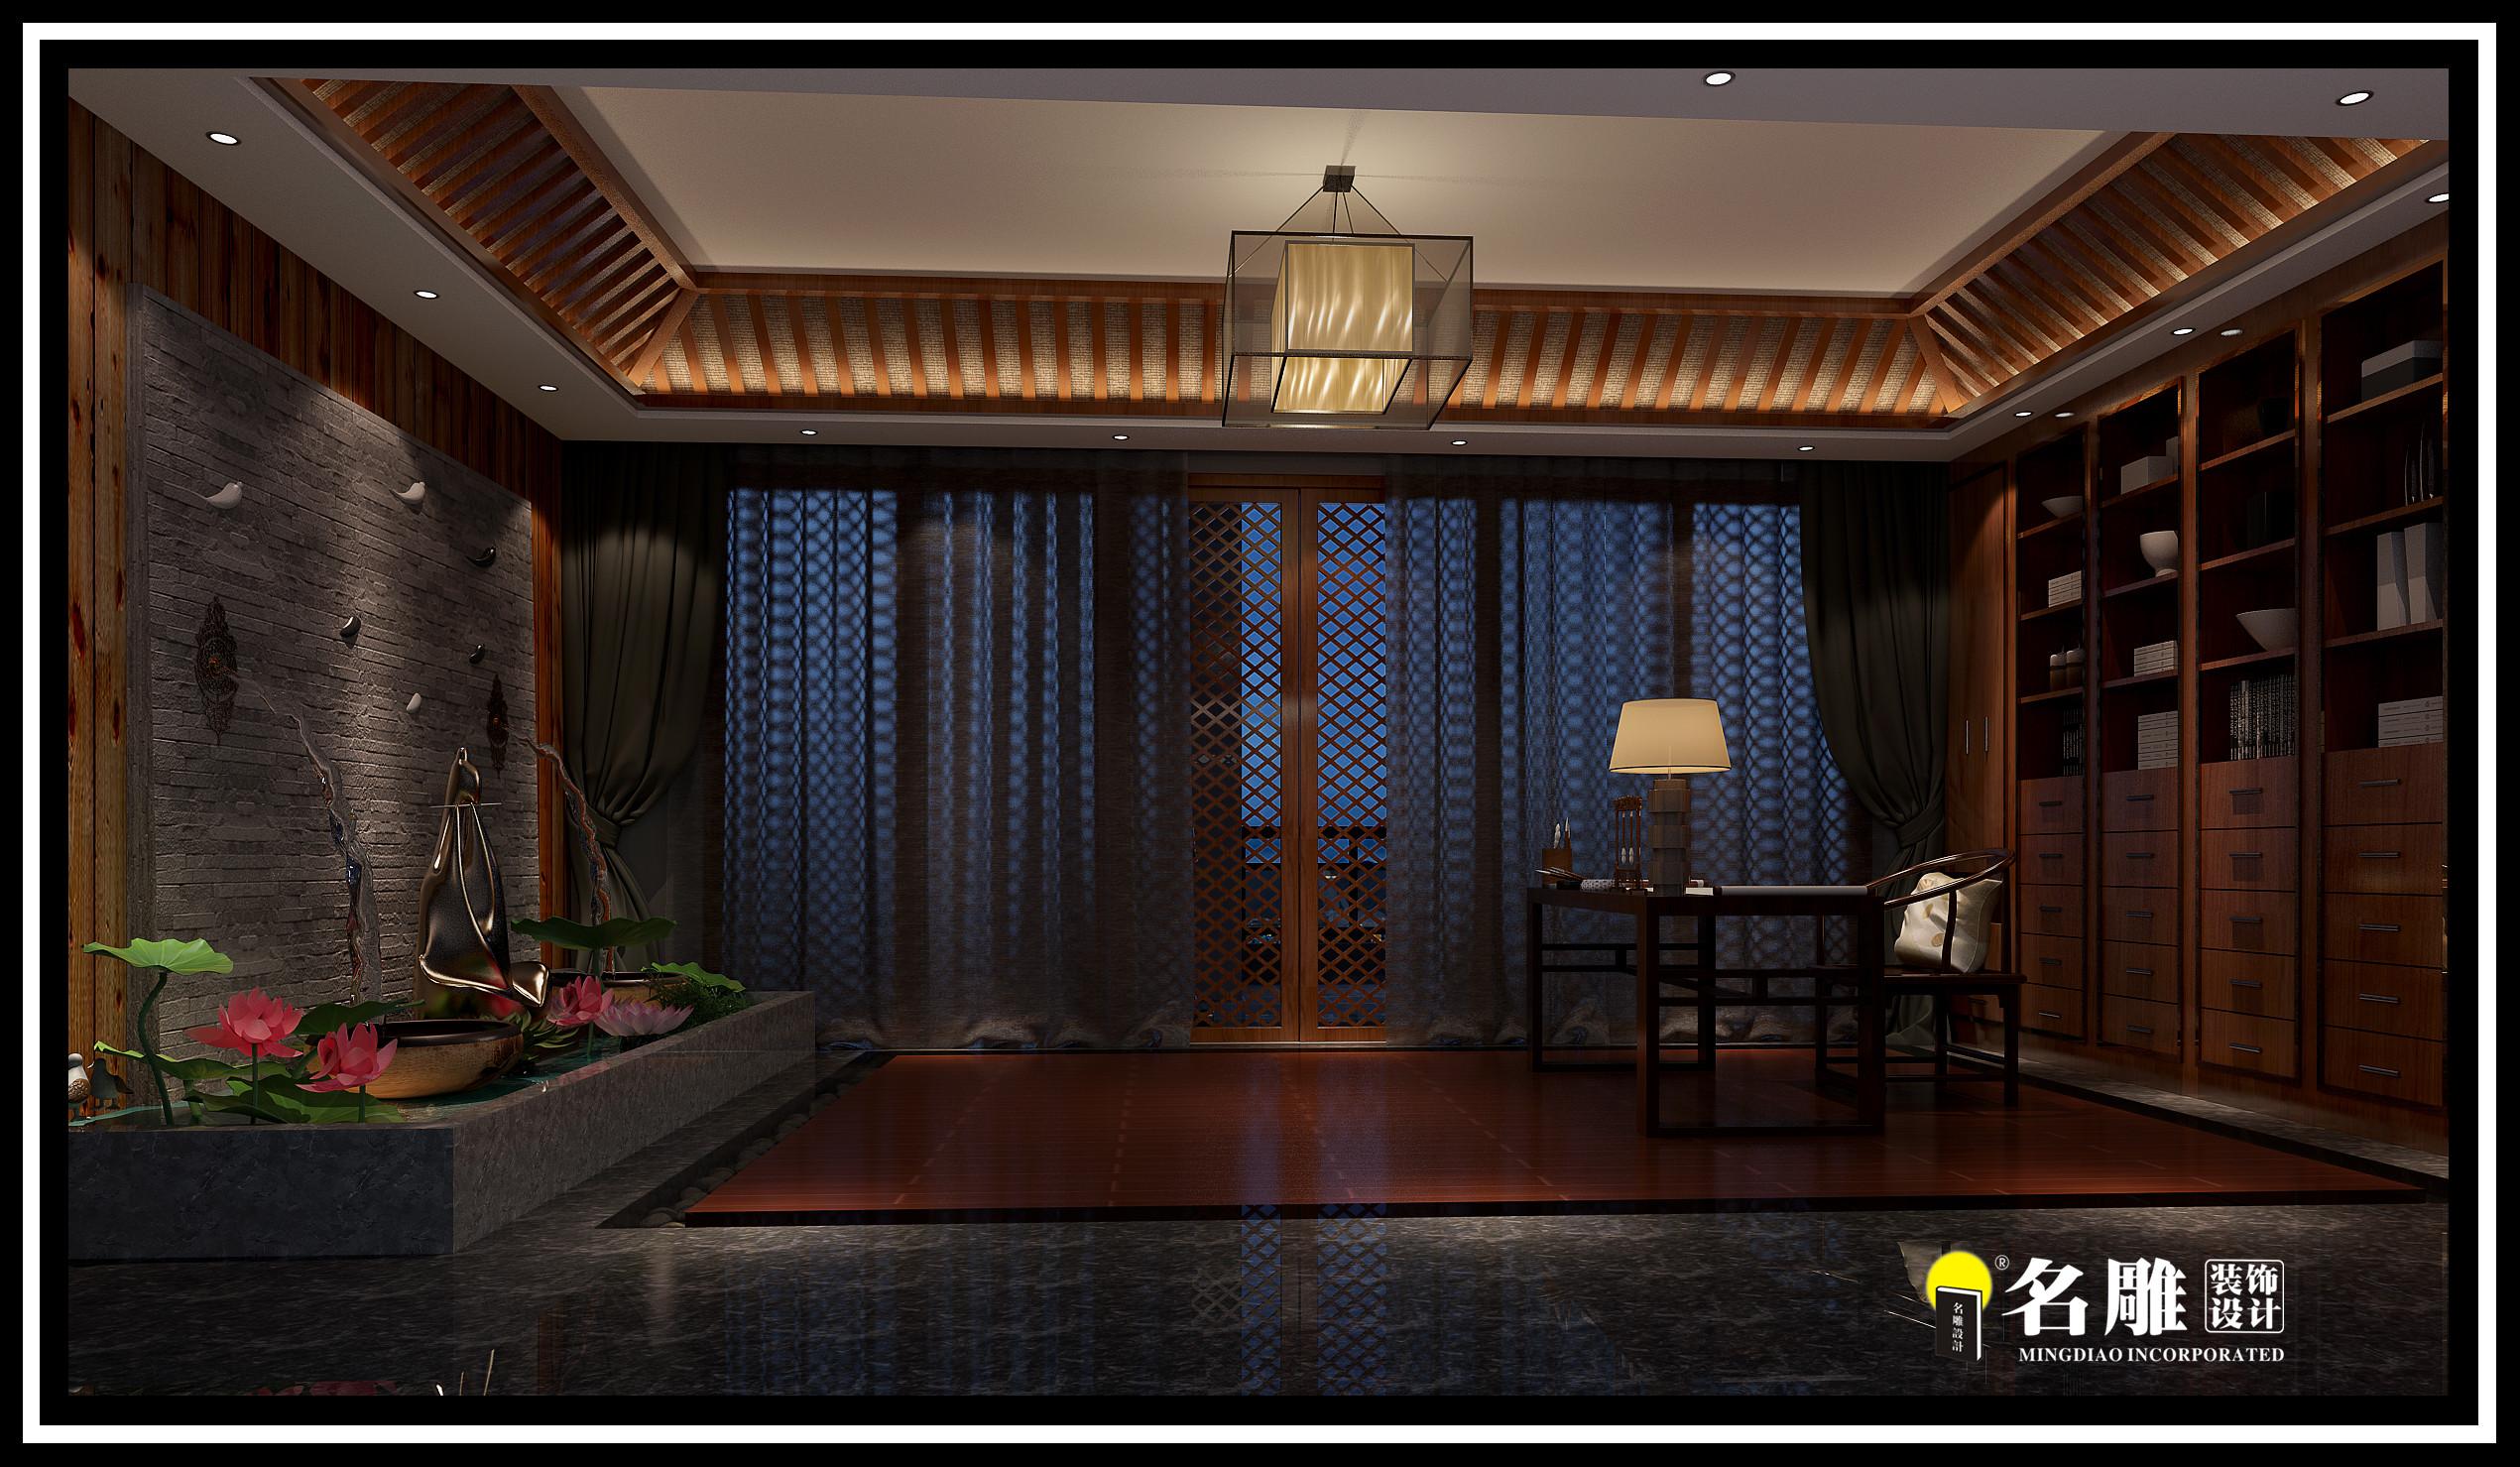 中式 四居室 安宁 祥和感 自然、清新 书房图片来自名雕装饰长沙分公司在湘江豪庭中式四居室的分享